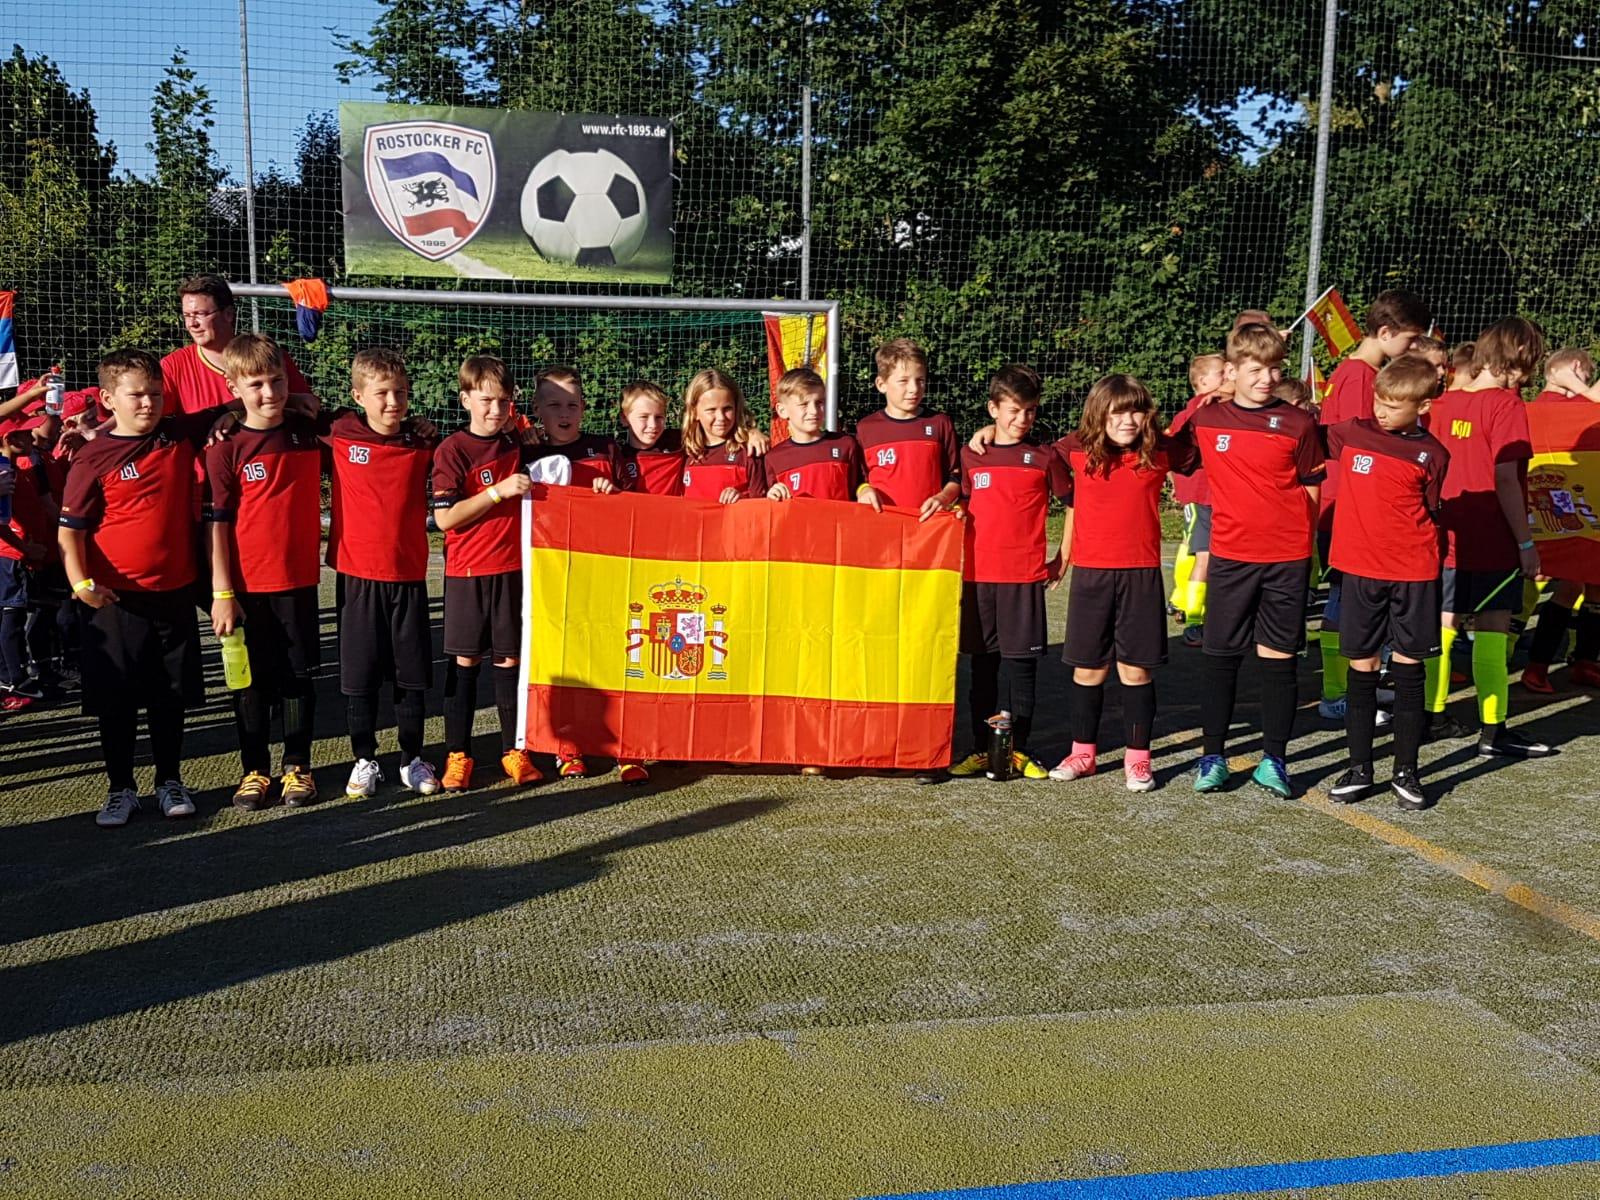 20180629 2011er und 2007er bei der Mini WM in Rostock (2)